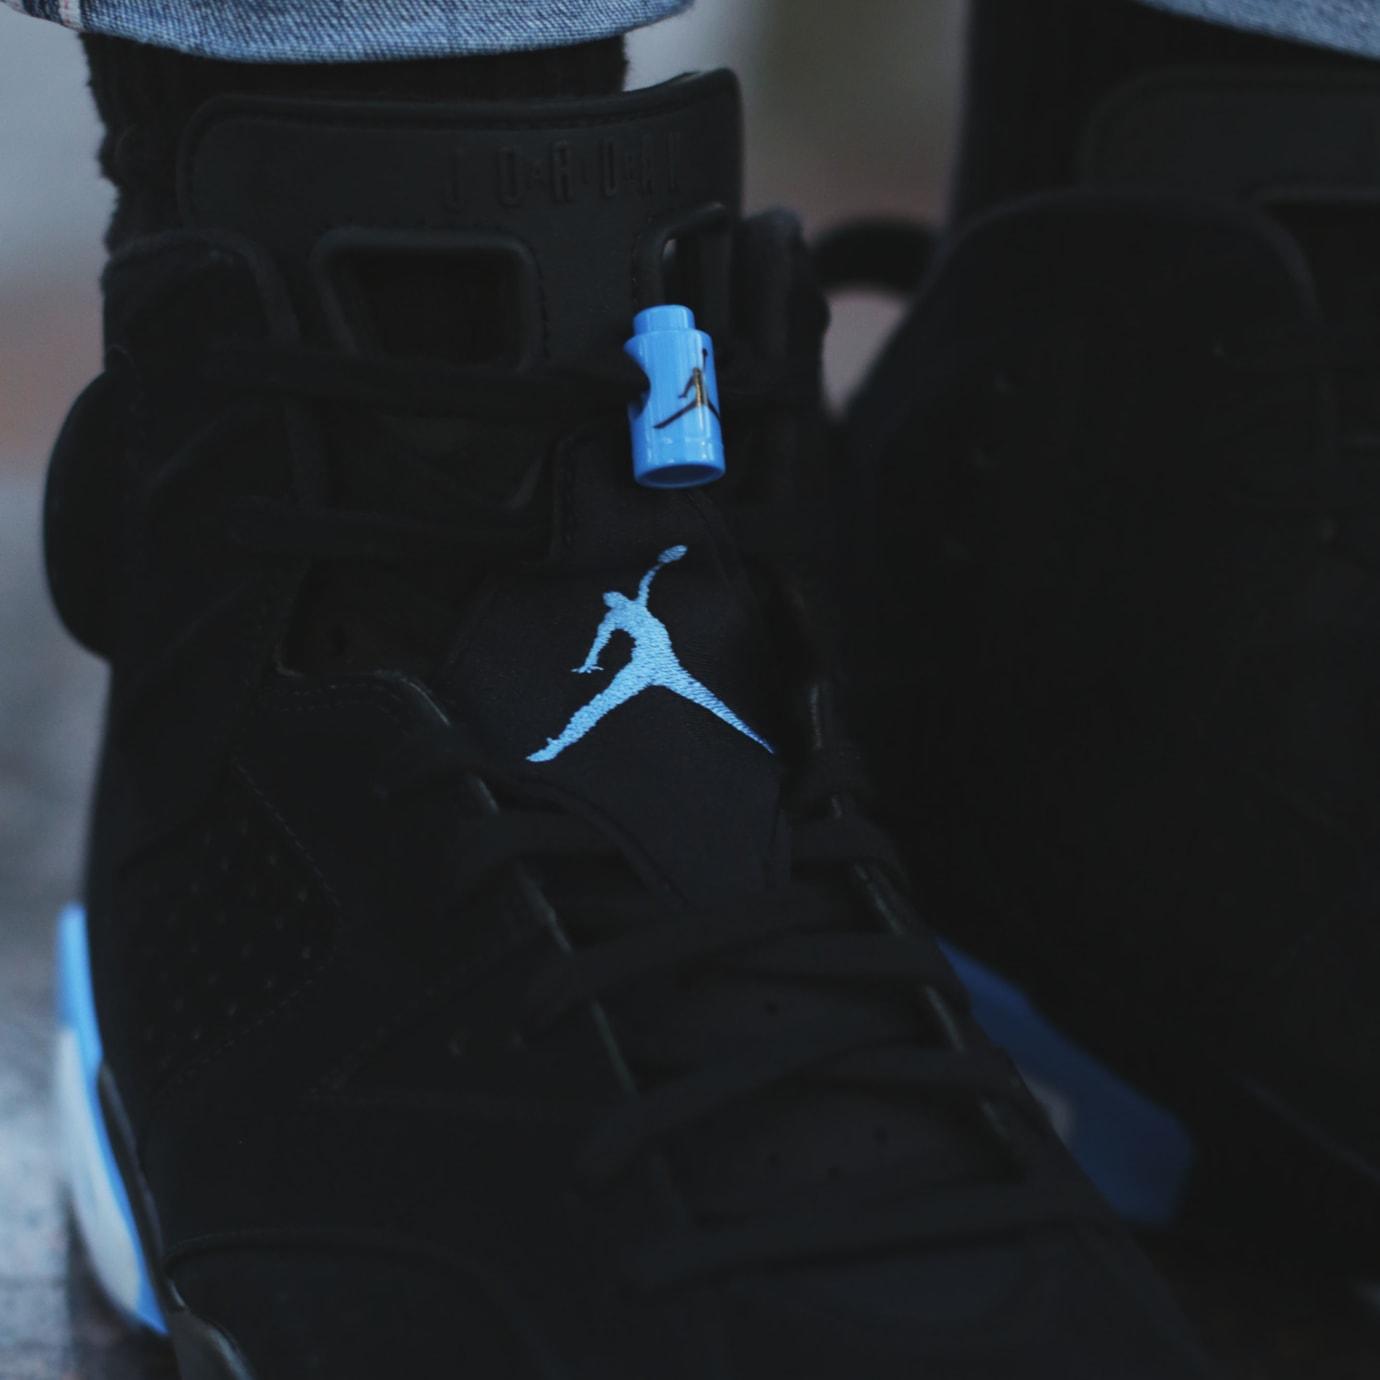 separation shoes 66228 d1110 UNC' Air Jordan 6 Black/University Blue 384664-006 Release ...